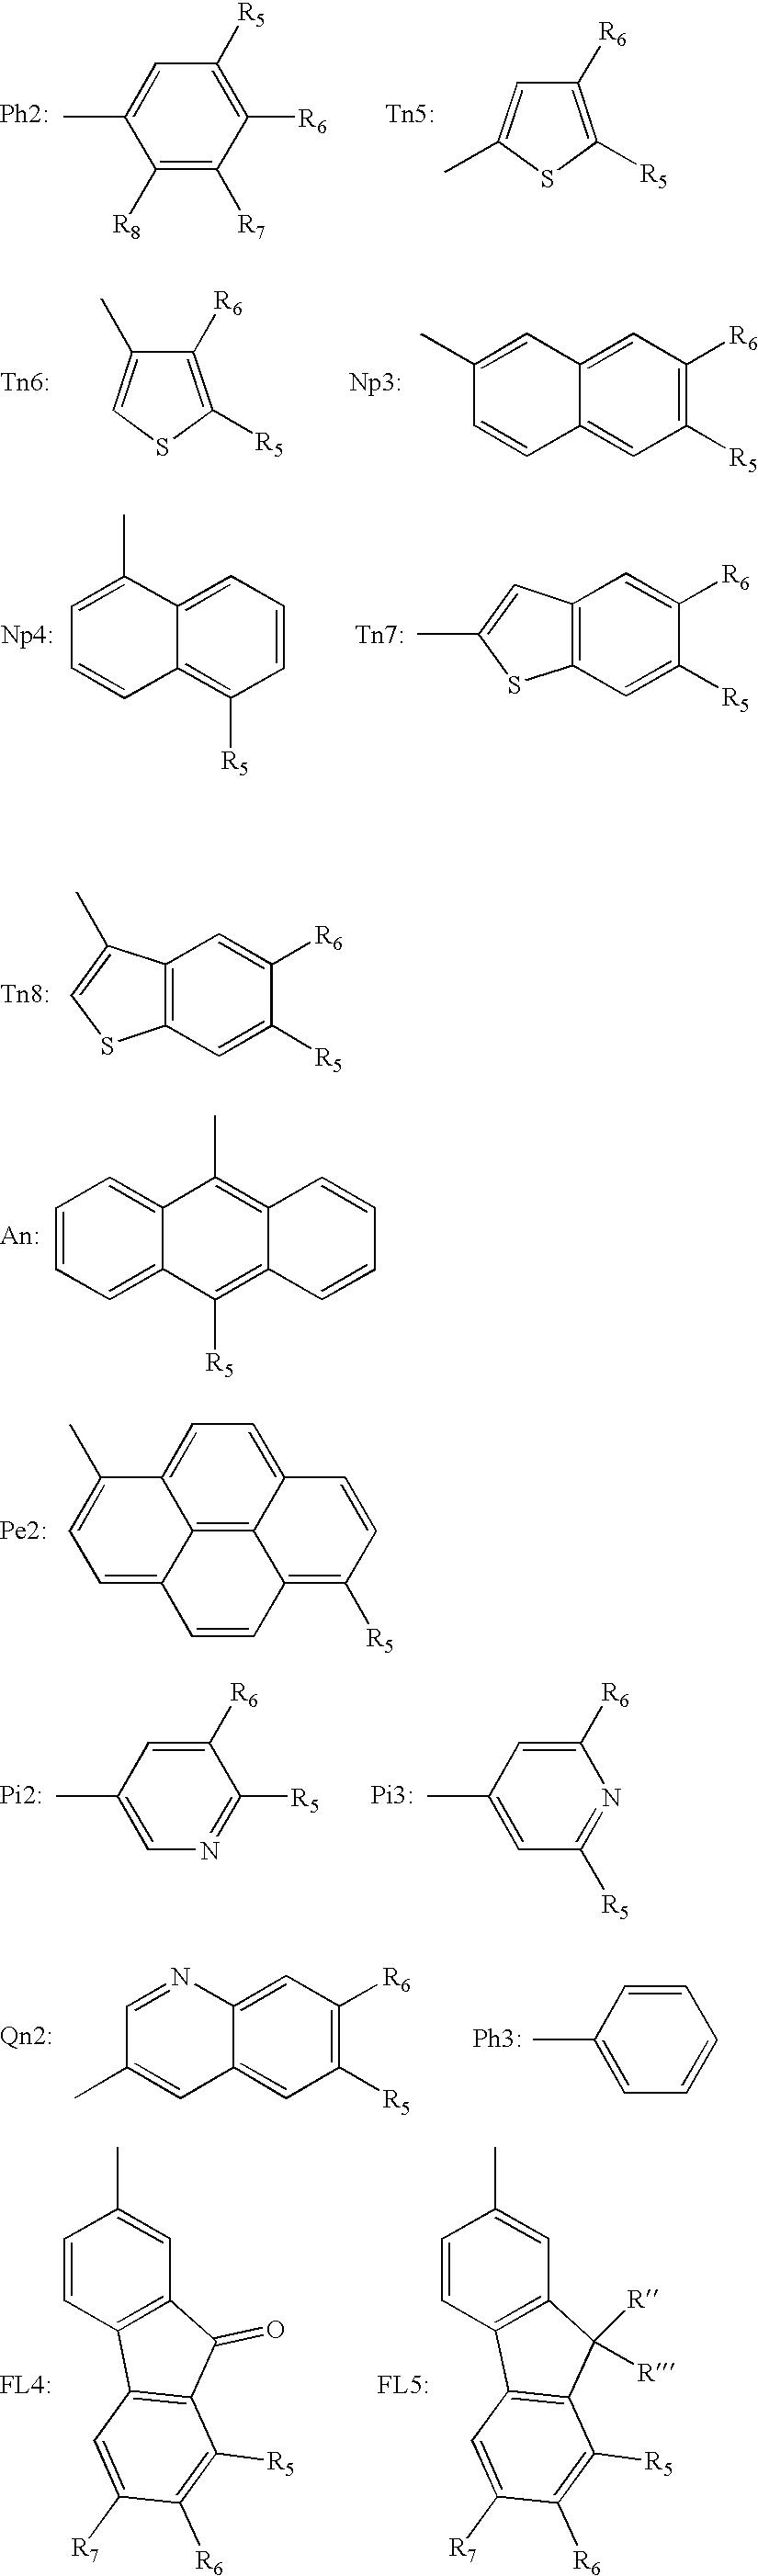 Figure US06921915-20050726-C00010